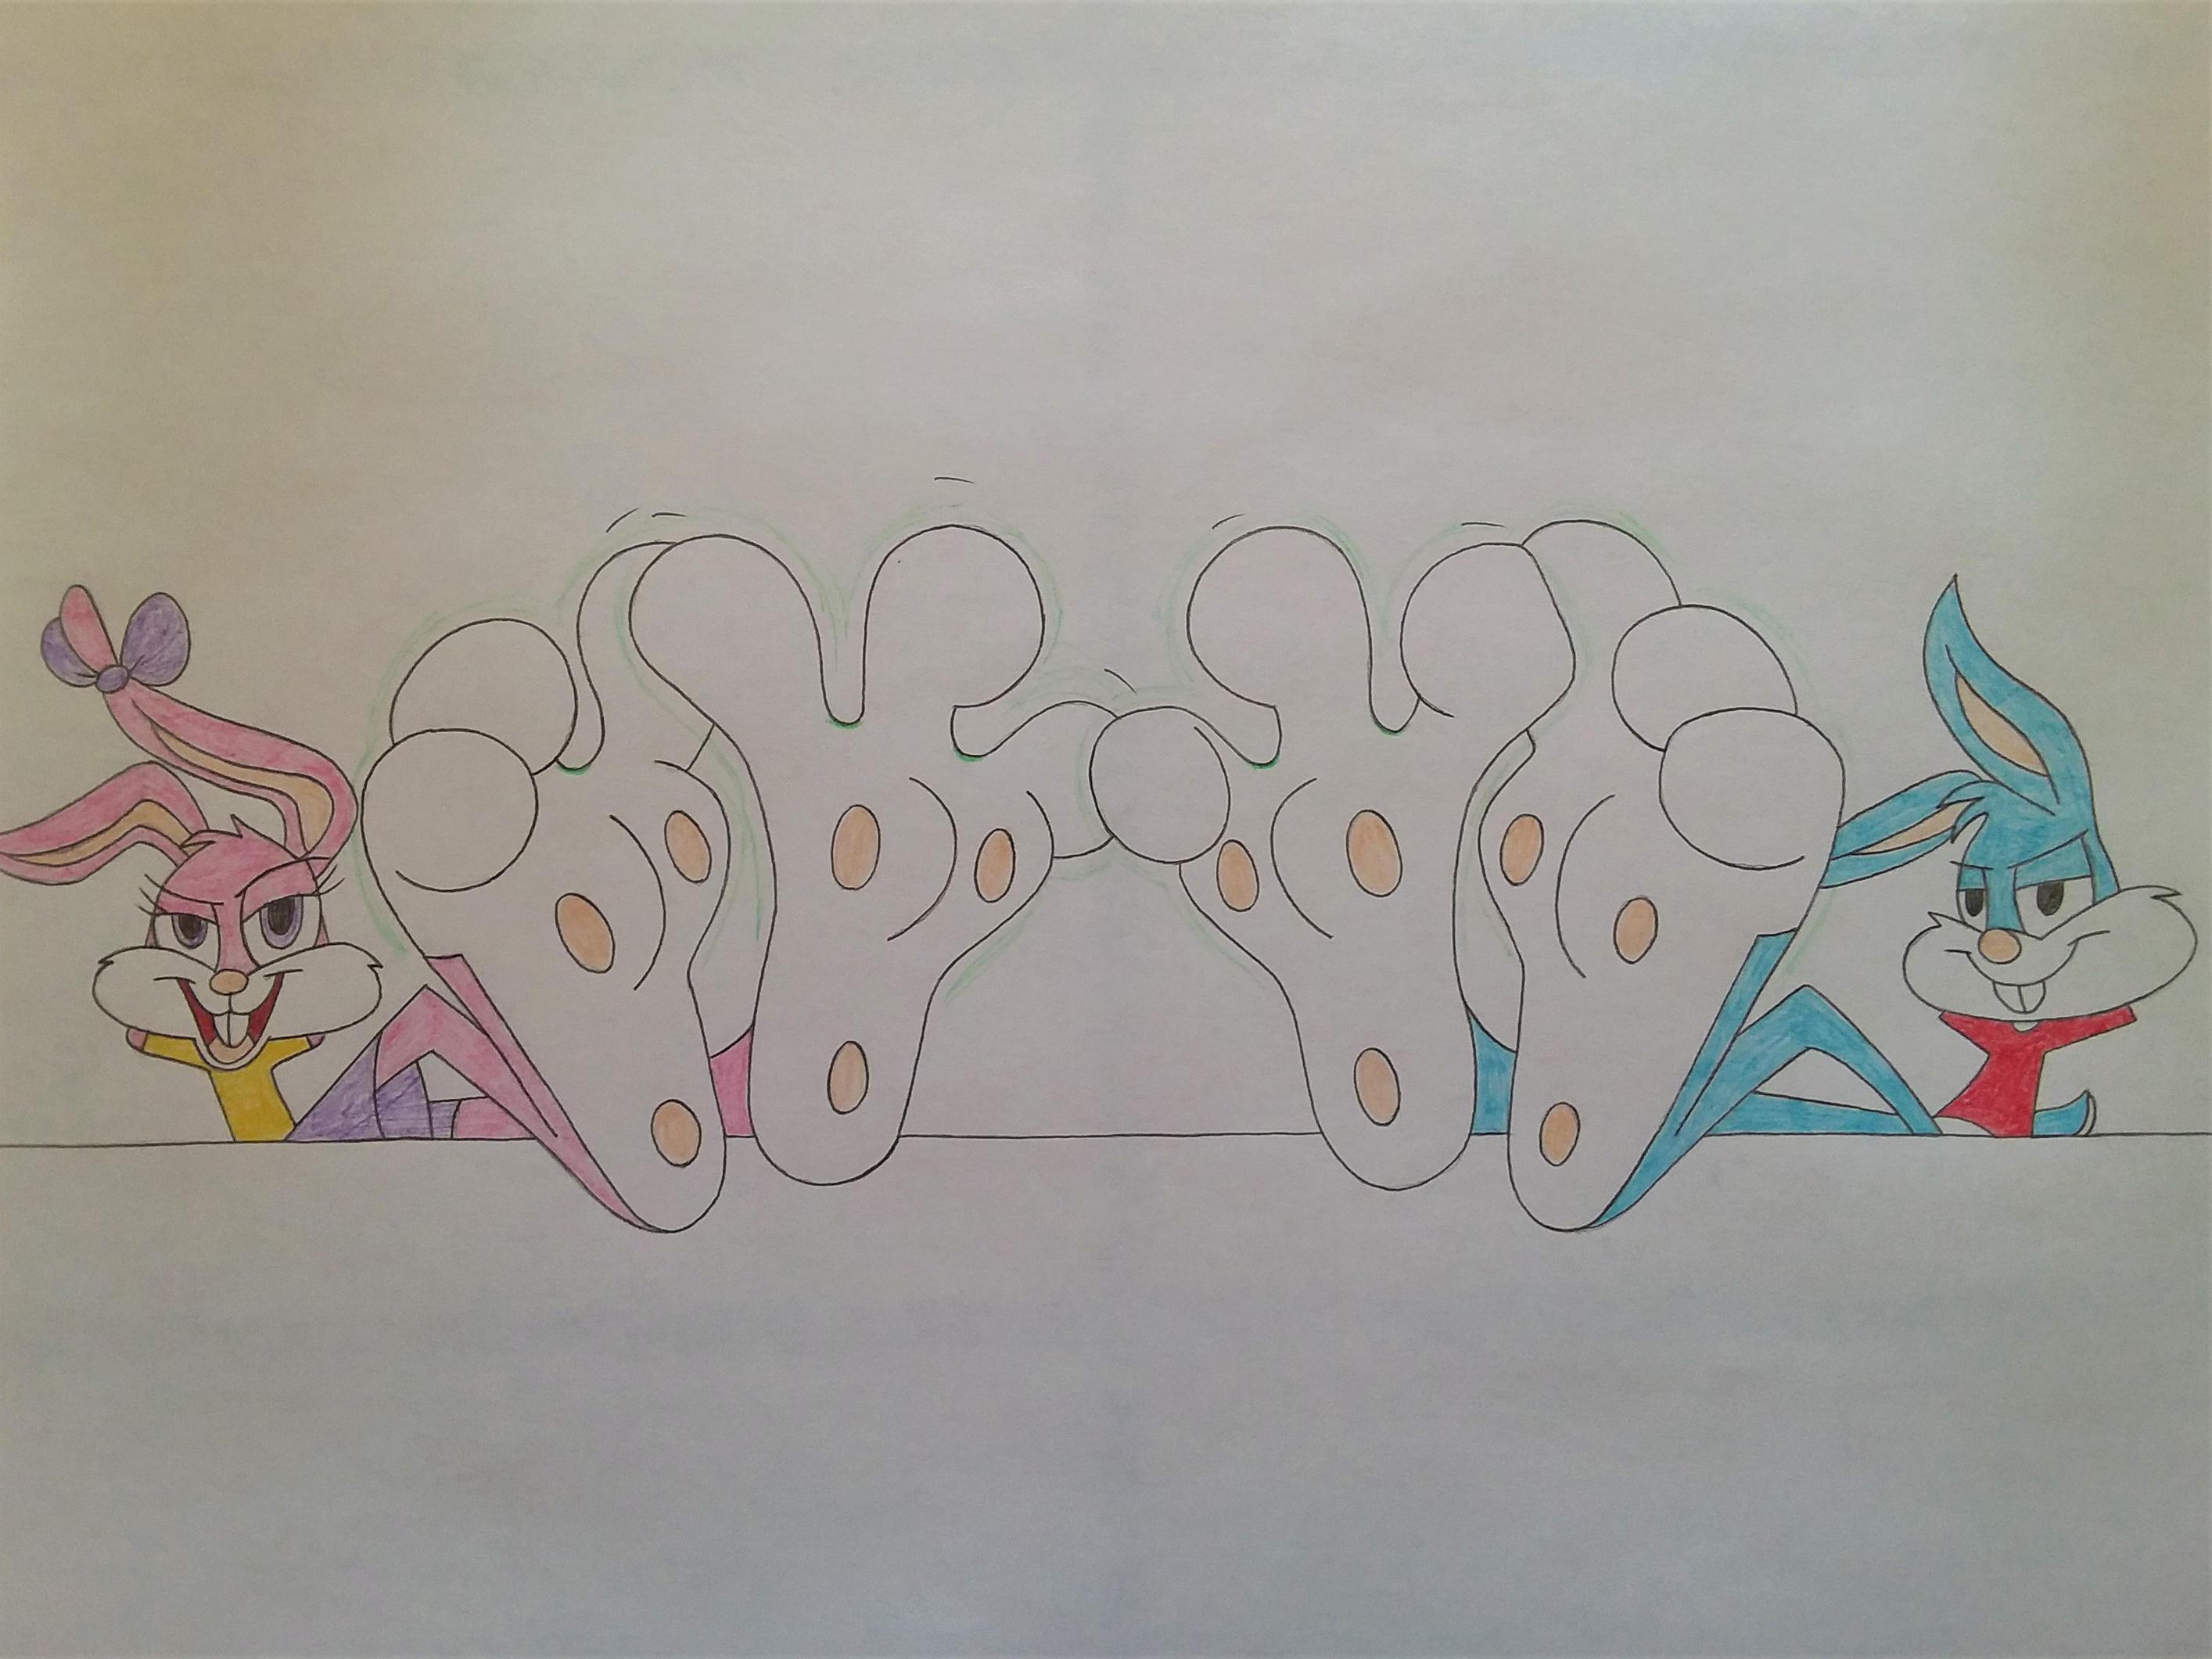 Darienspeyer Feet: Sexiest Feet Groups: Babs And Buster Bunny By DarienSpeyer